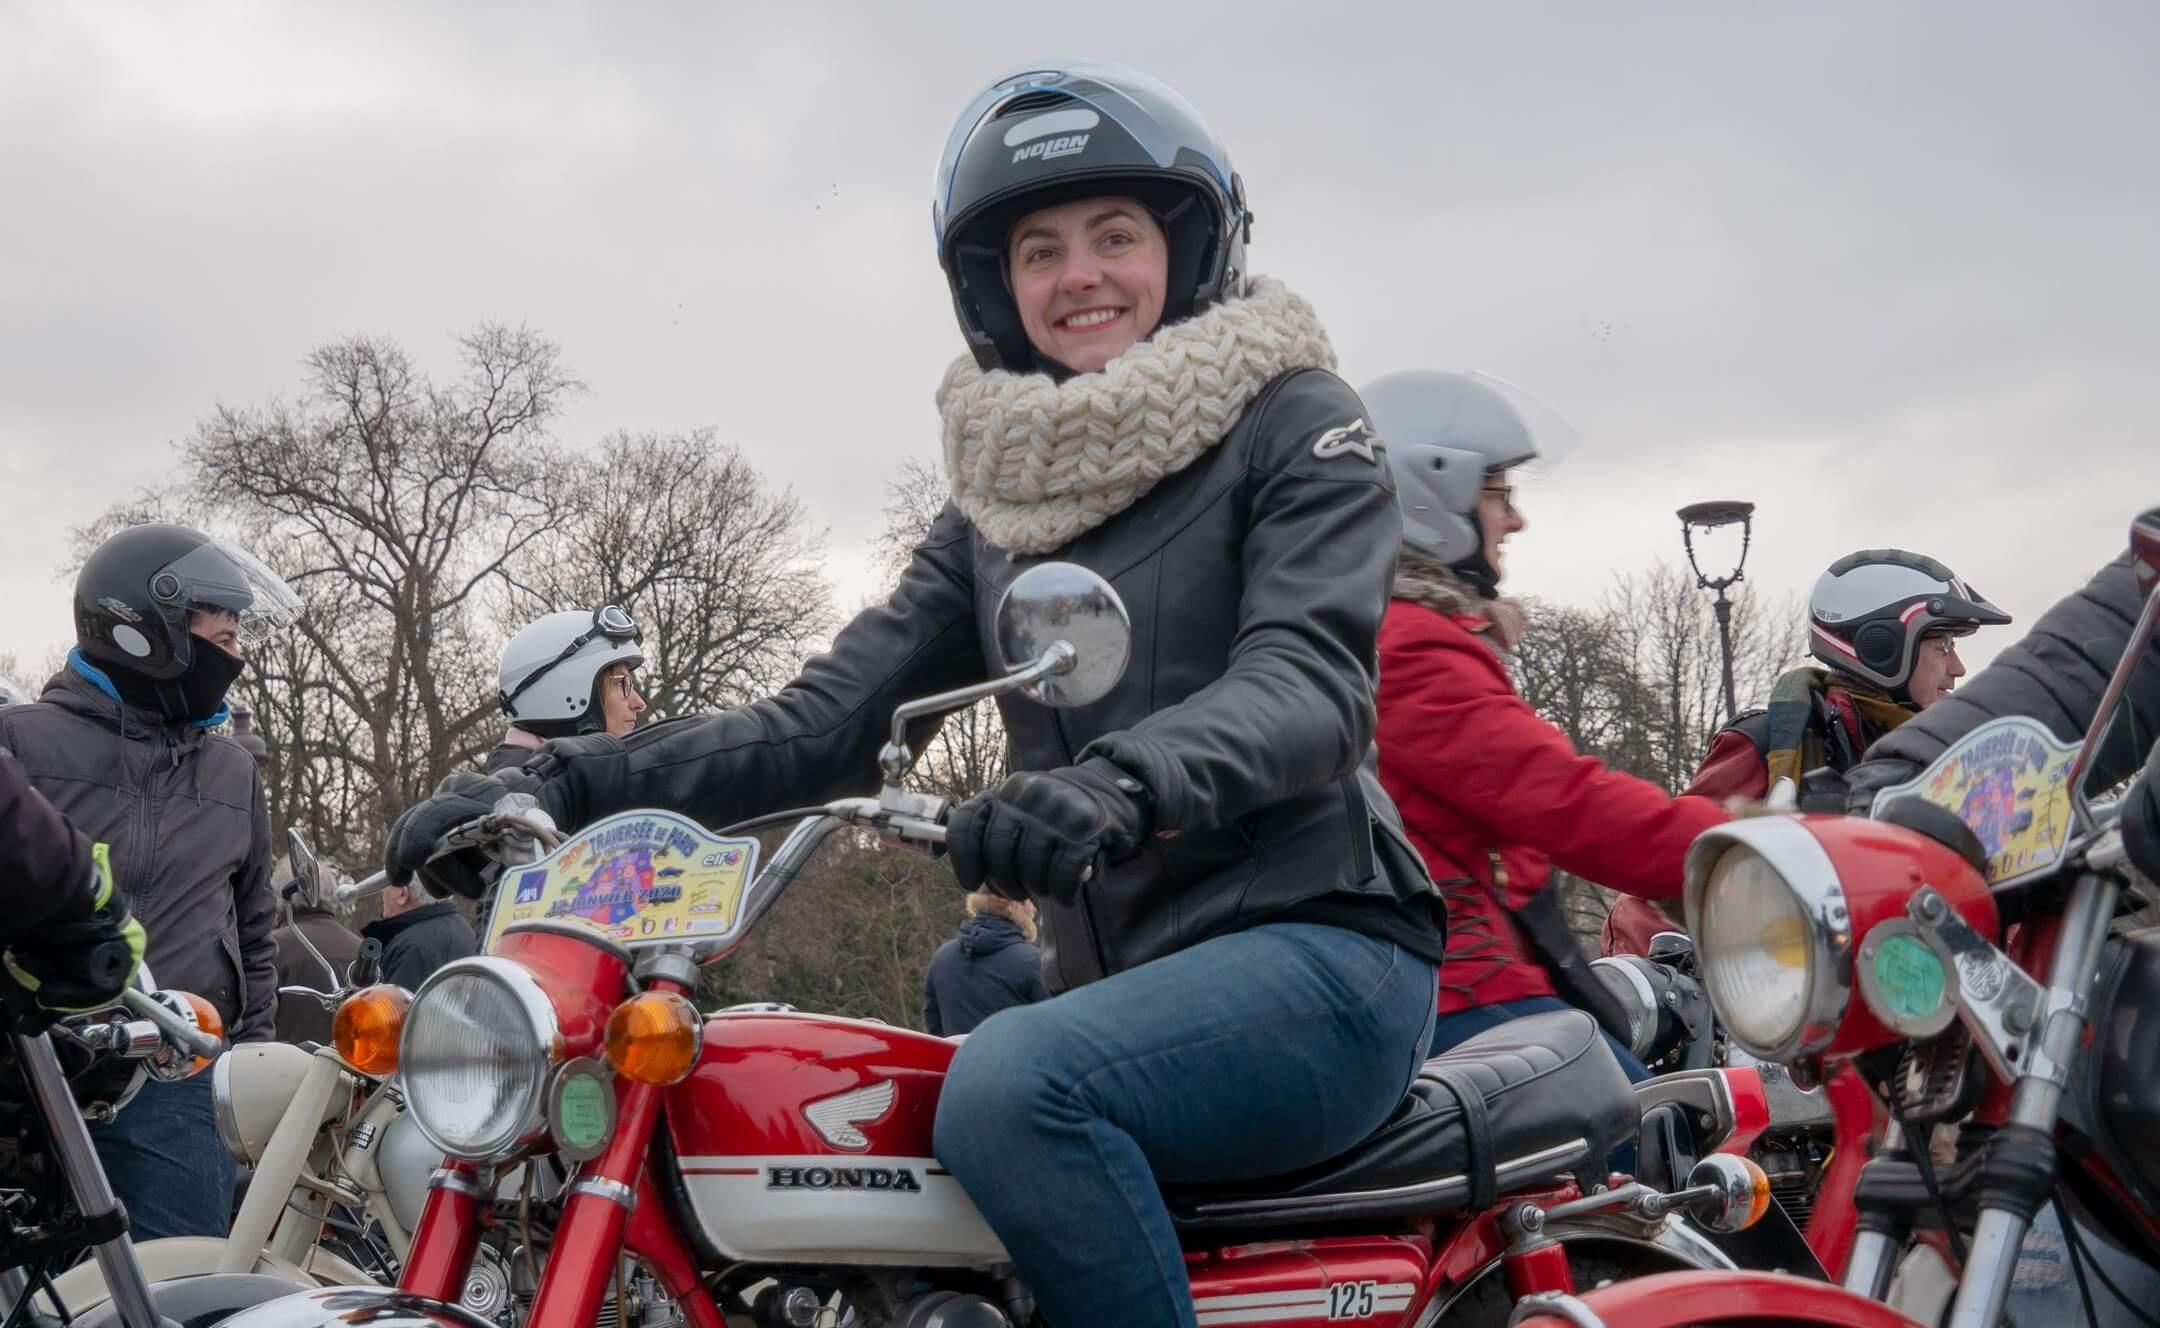 Fille souriant sur une moto honda rouge